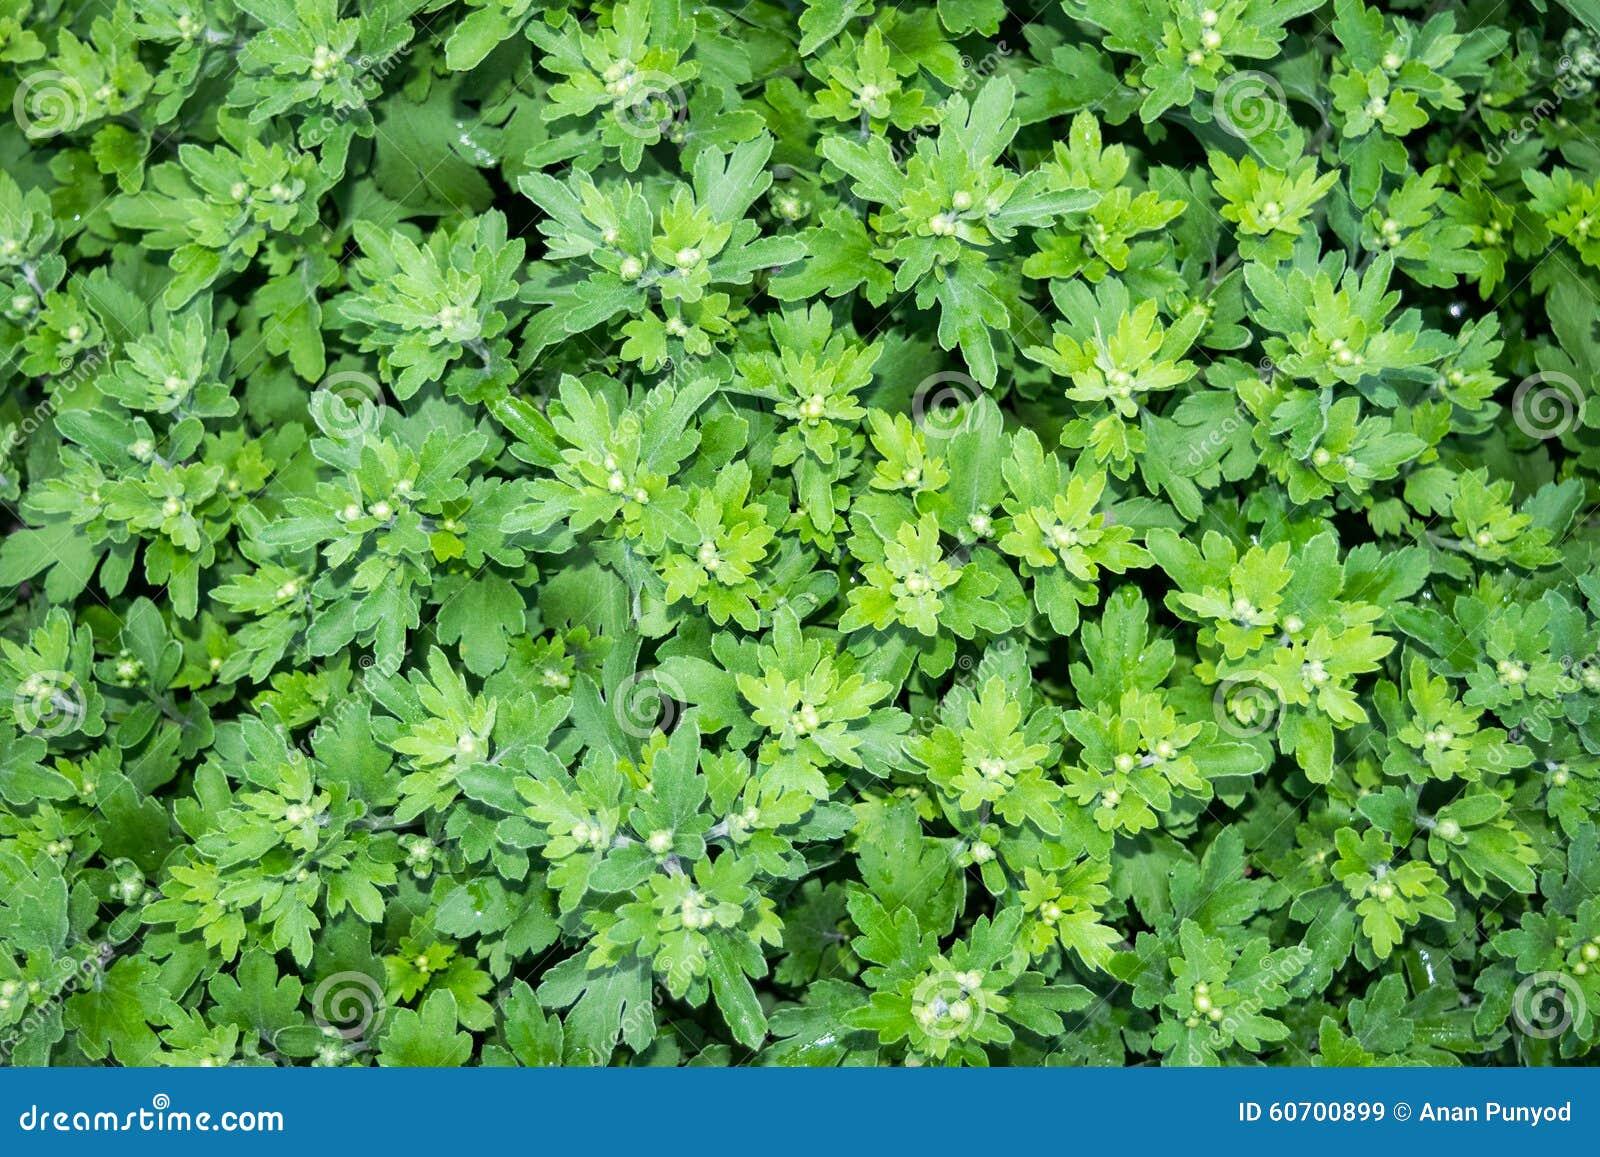 Green Leaf Chrysanthemum Flower Garden Nature Background